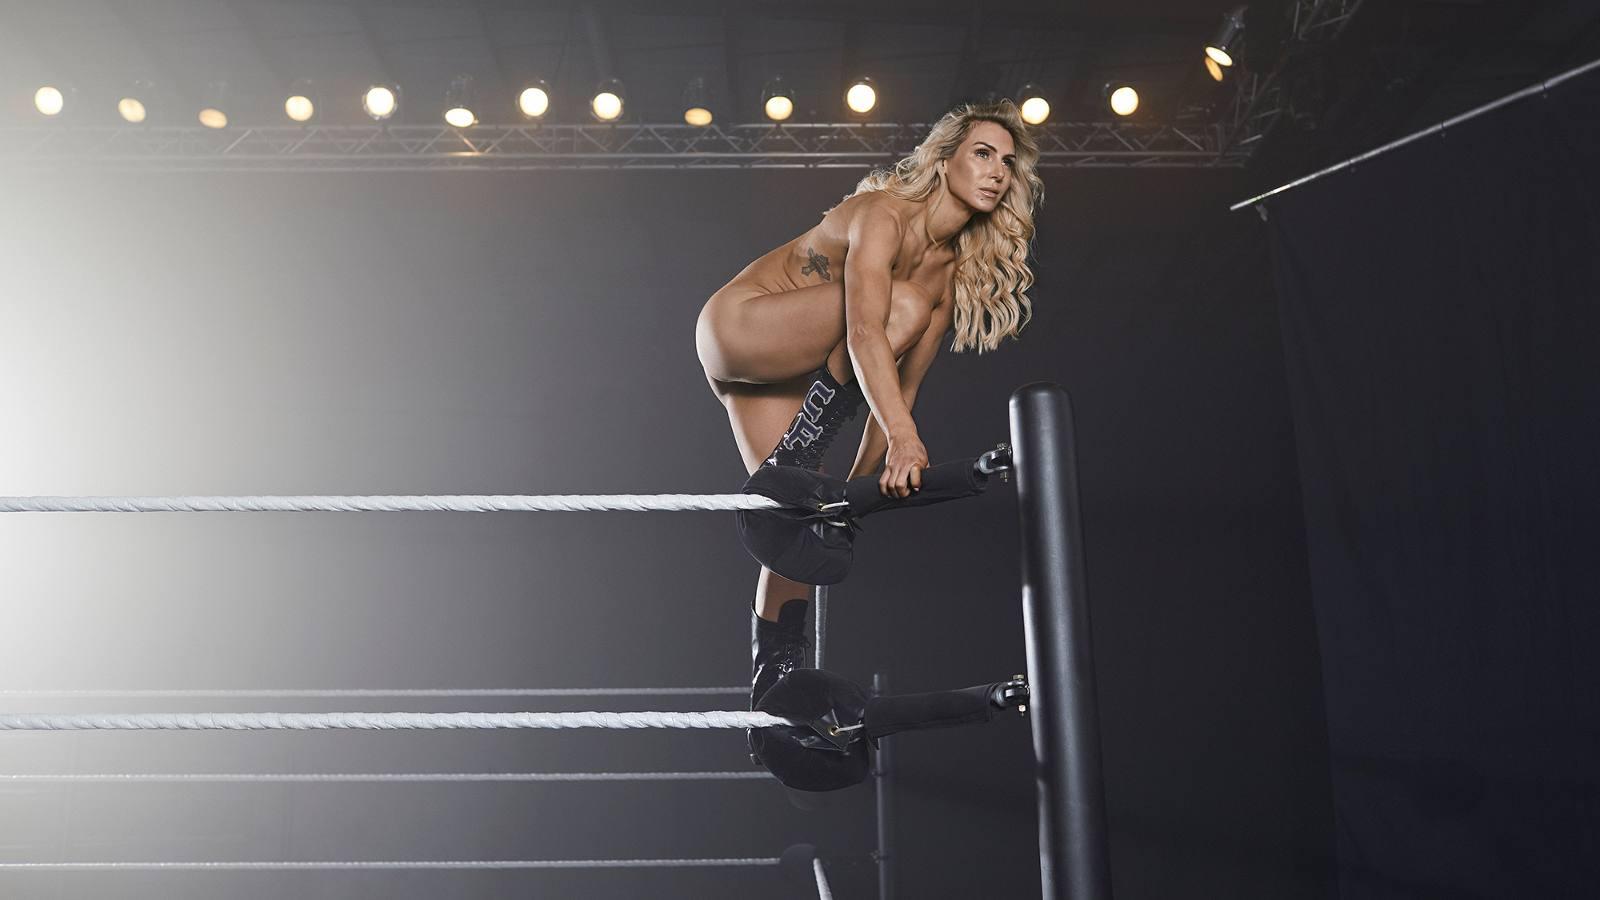 Charlotte Flair to start WrestleMania 37 angle on WWE